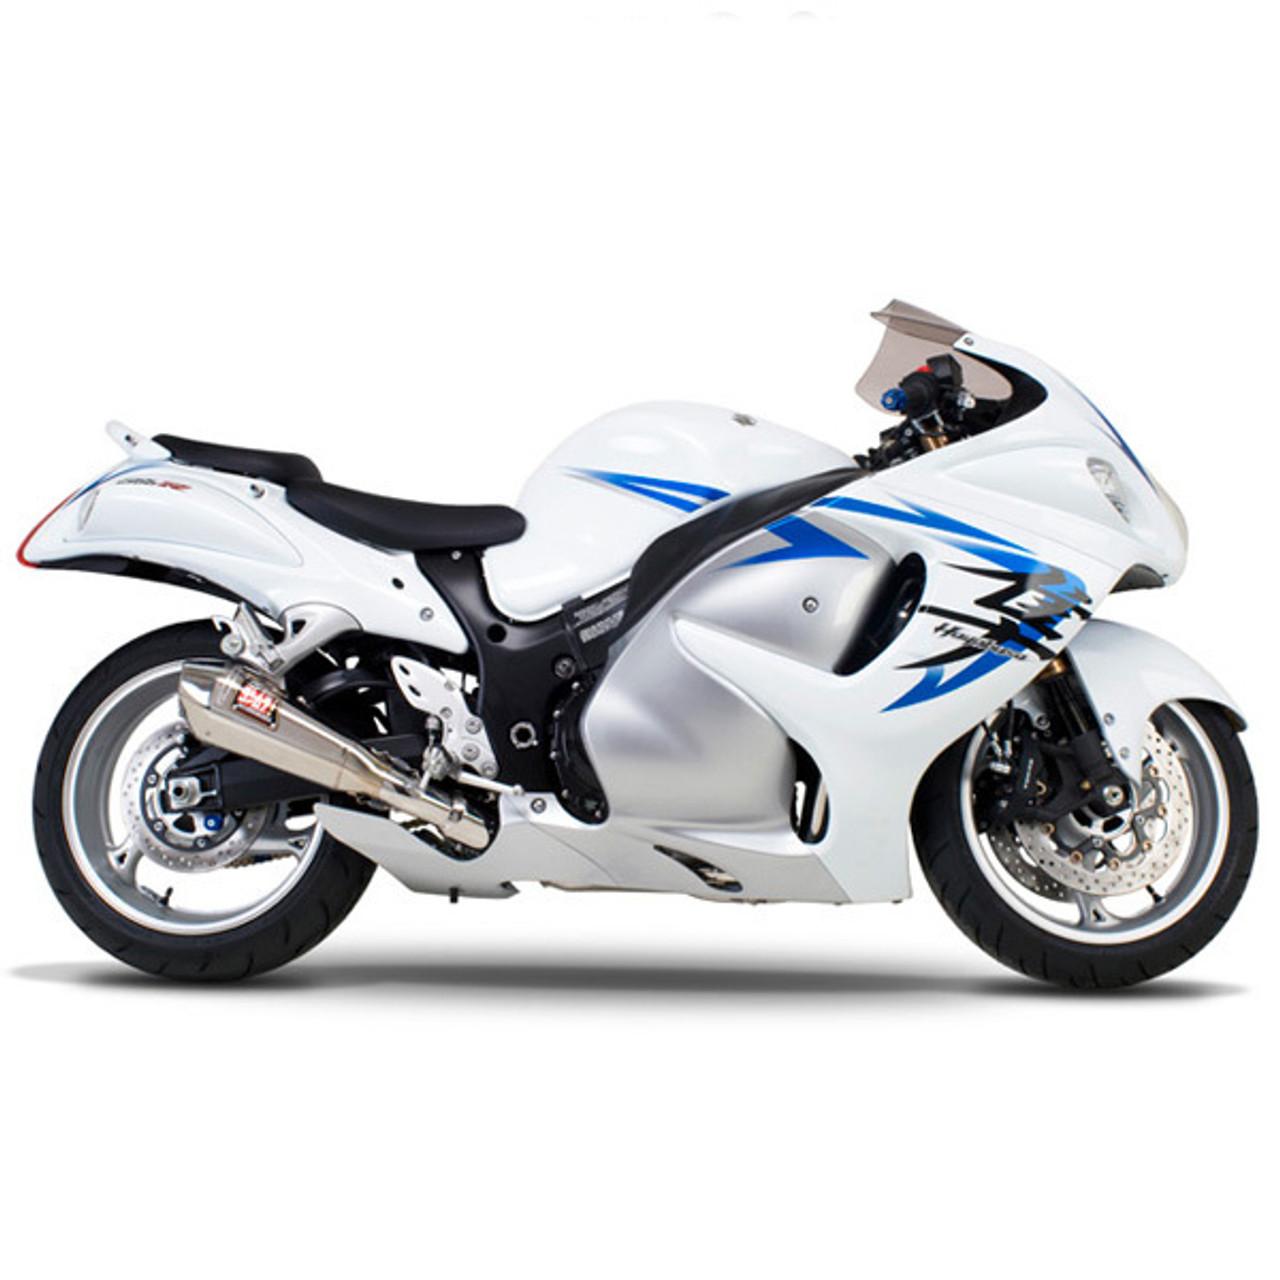 yoshimura suzuki hayabusa 08 20 race r 55 stainless full exhaust ss ss ss